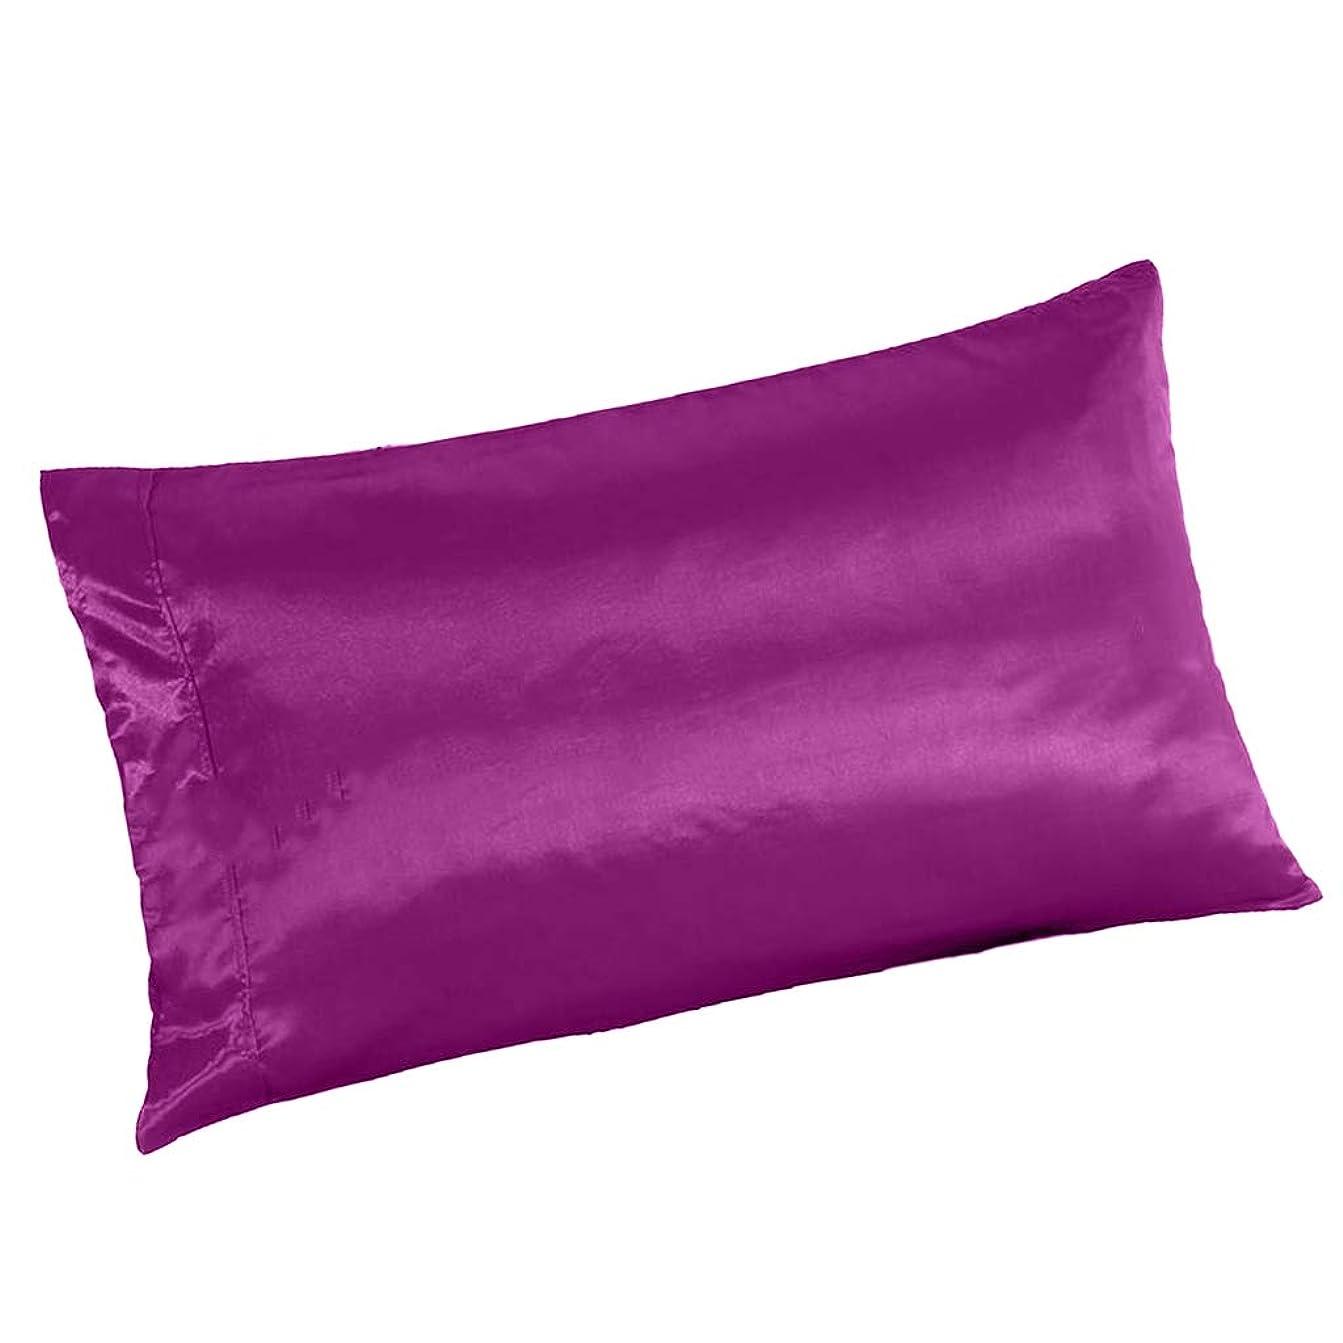 雑草傑作聡明B Baosity 枕カバー サイズ 約50x76cm 封筒式 ピローケース 洗濯可能 通気性 快適 全6色 - パープル